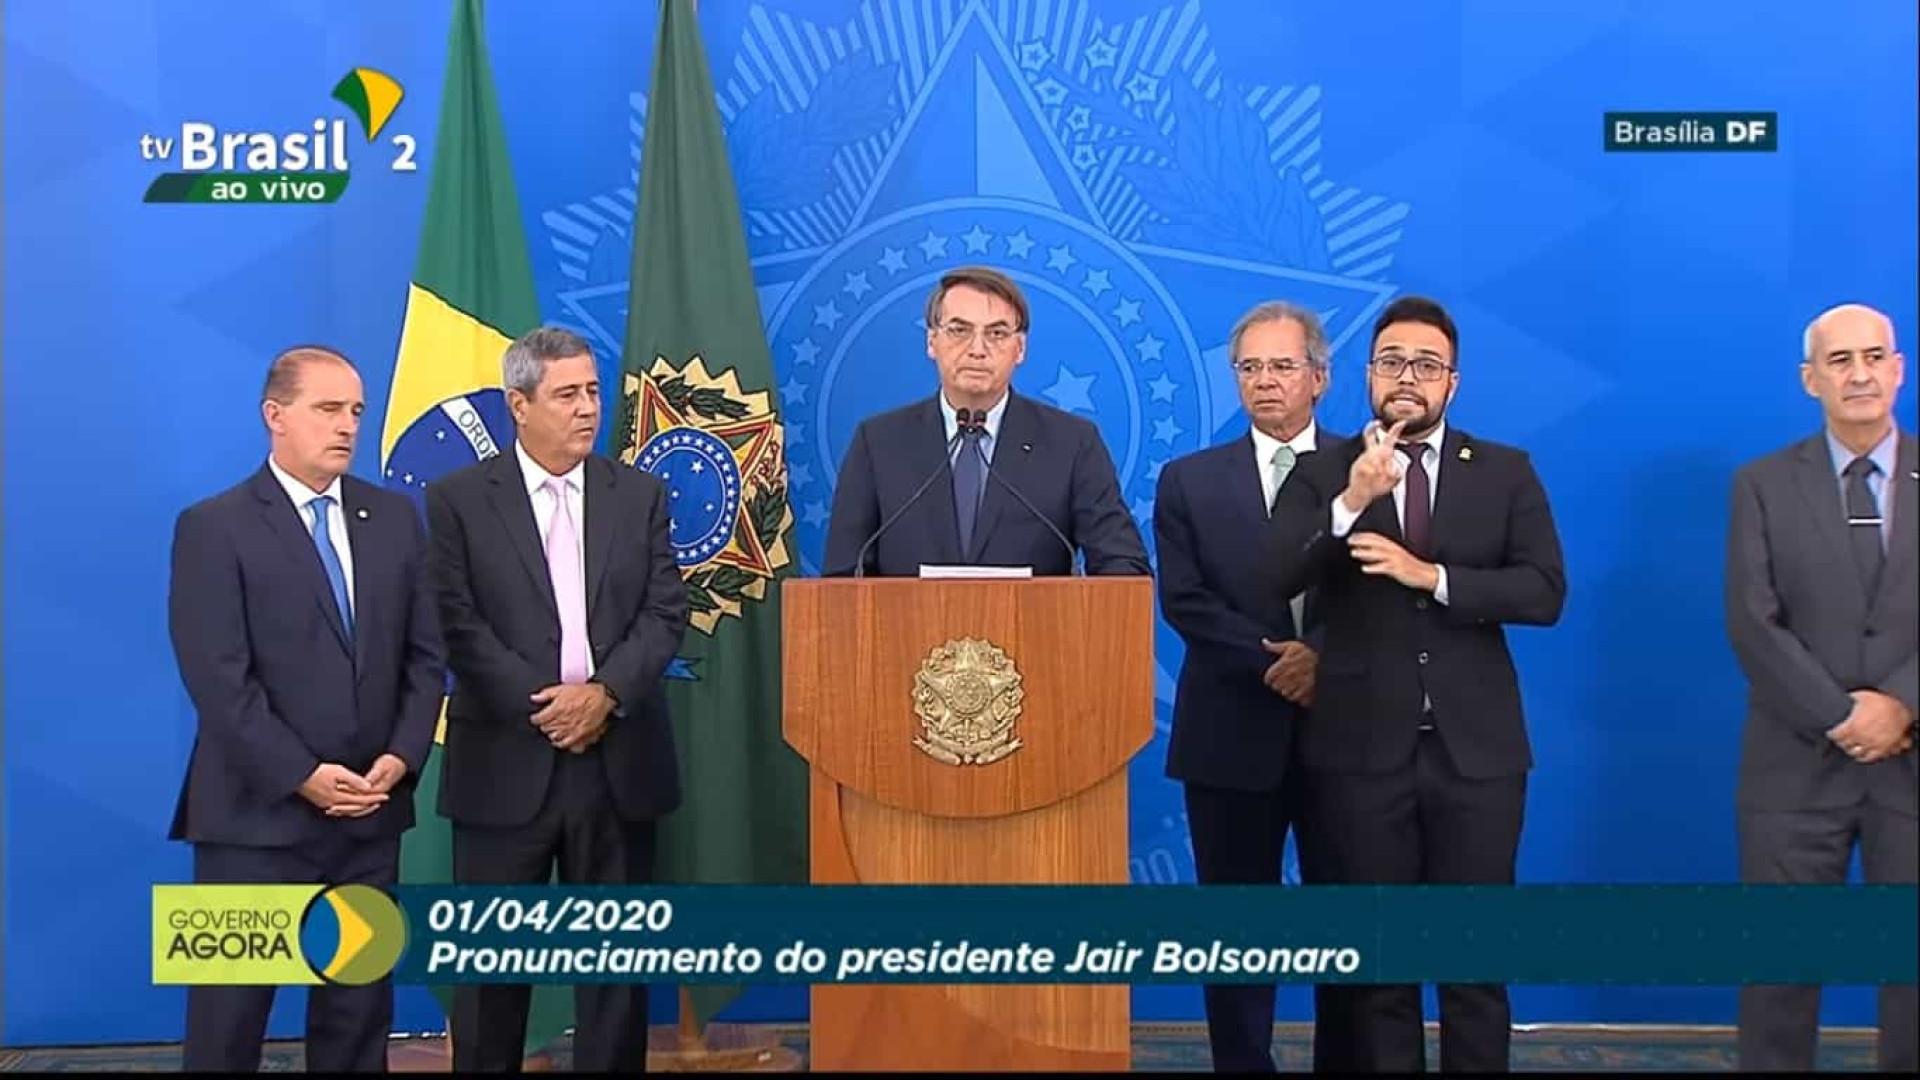 Medida para manter empregos serão anunciadas, diz Bolsonaro